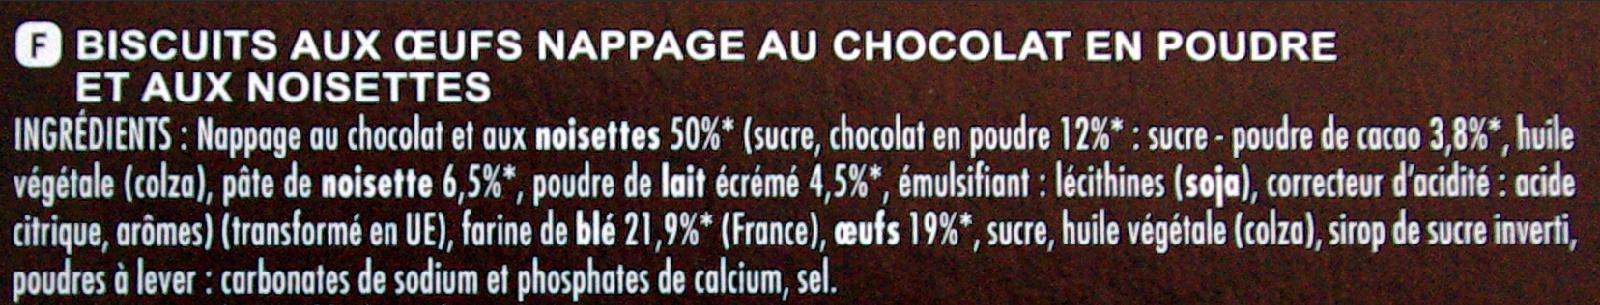 Kanoë parfum chocolat noisette - Ingrédients - fr